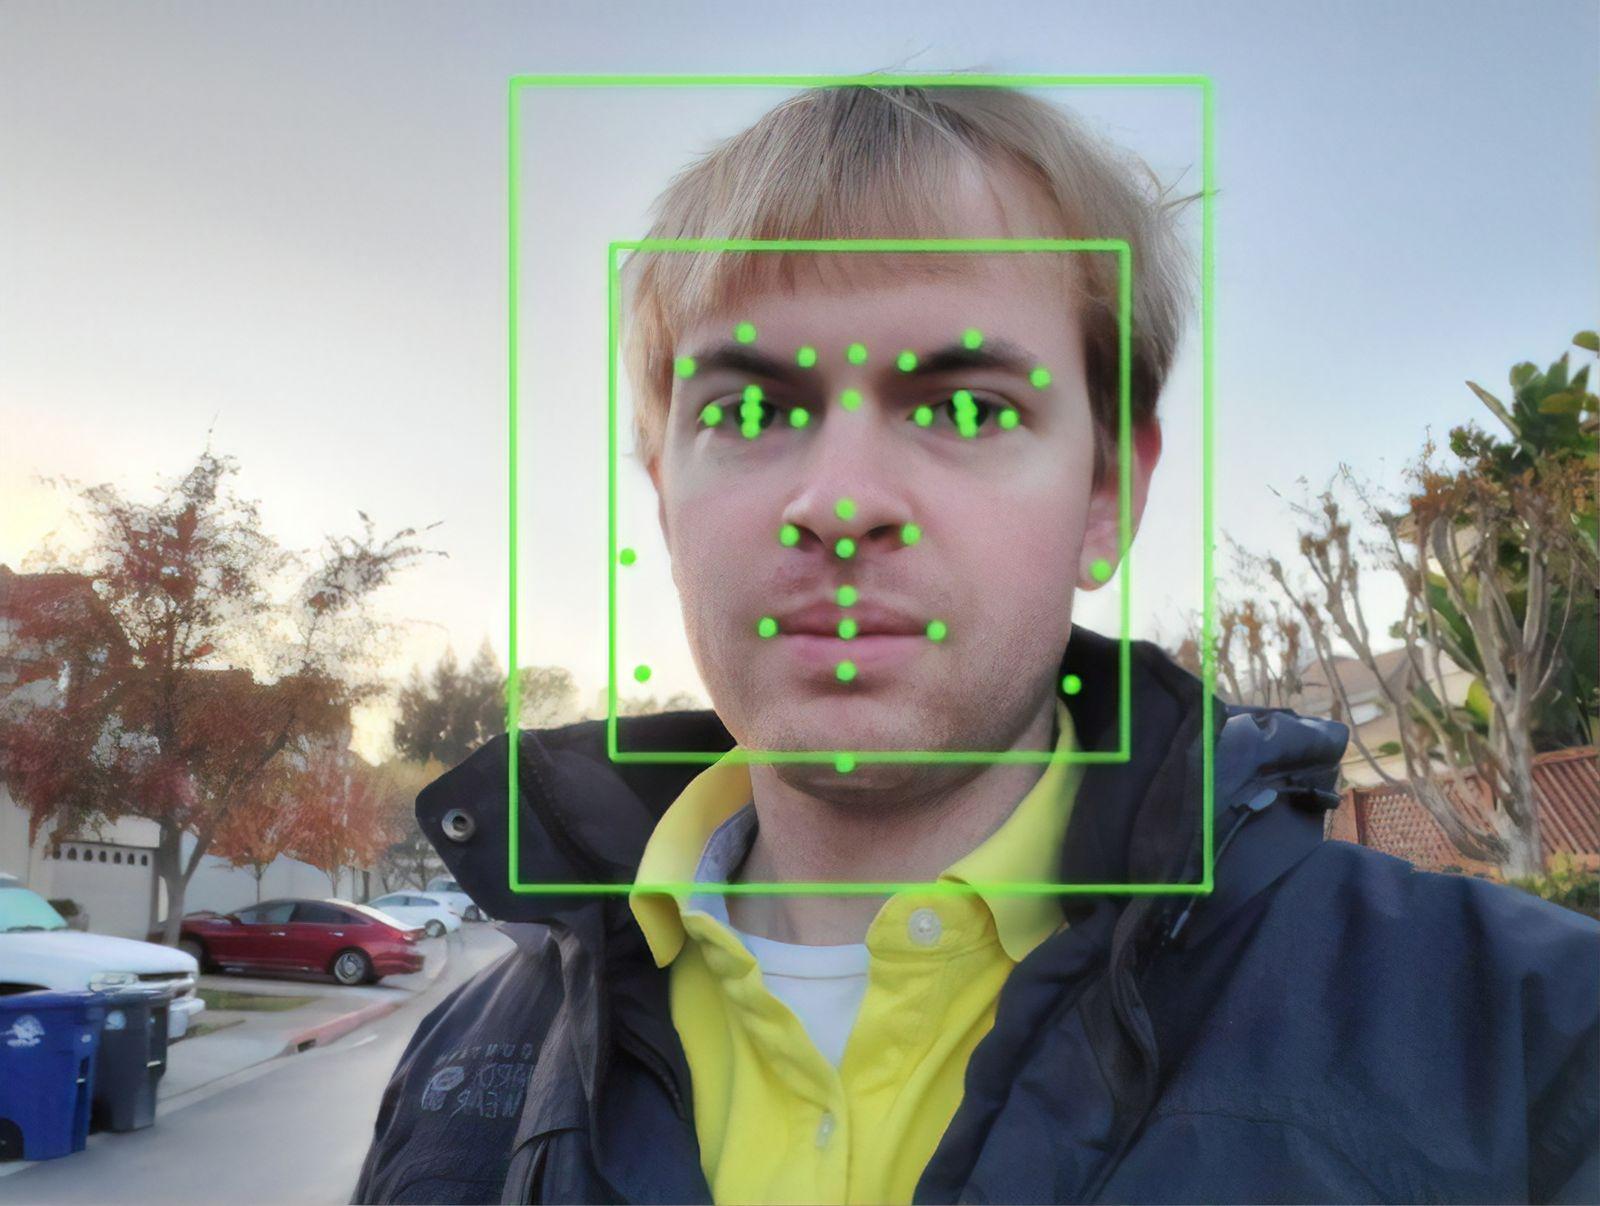 Trends/ Netzwelt/ Gesichtserkennung